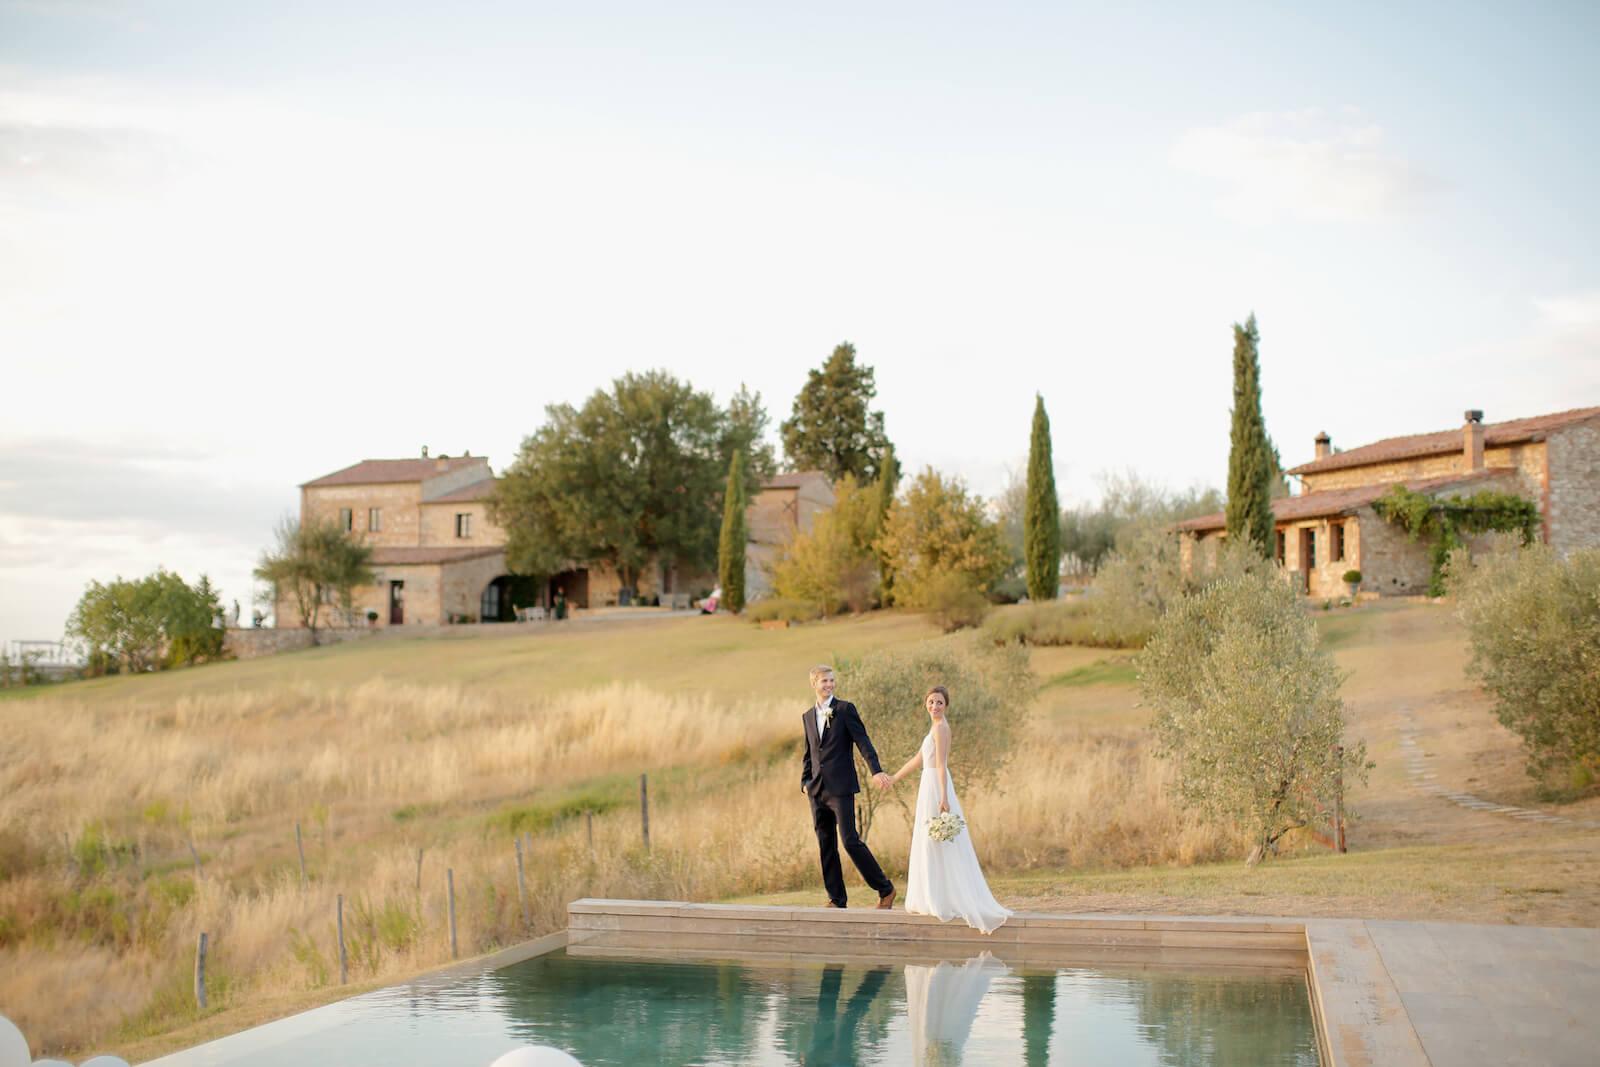 Un mariage romantique en Toscane